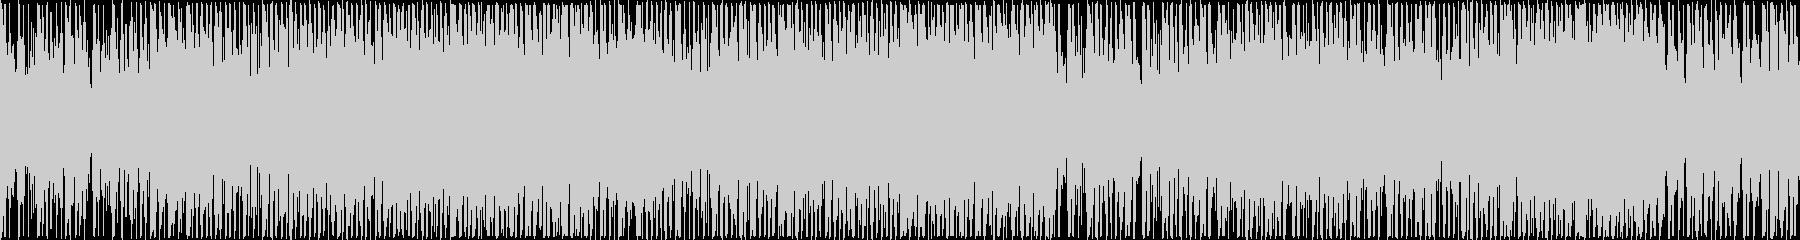 和風/不気味・不穏な妖怪バトル//M11の未再生の波形